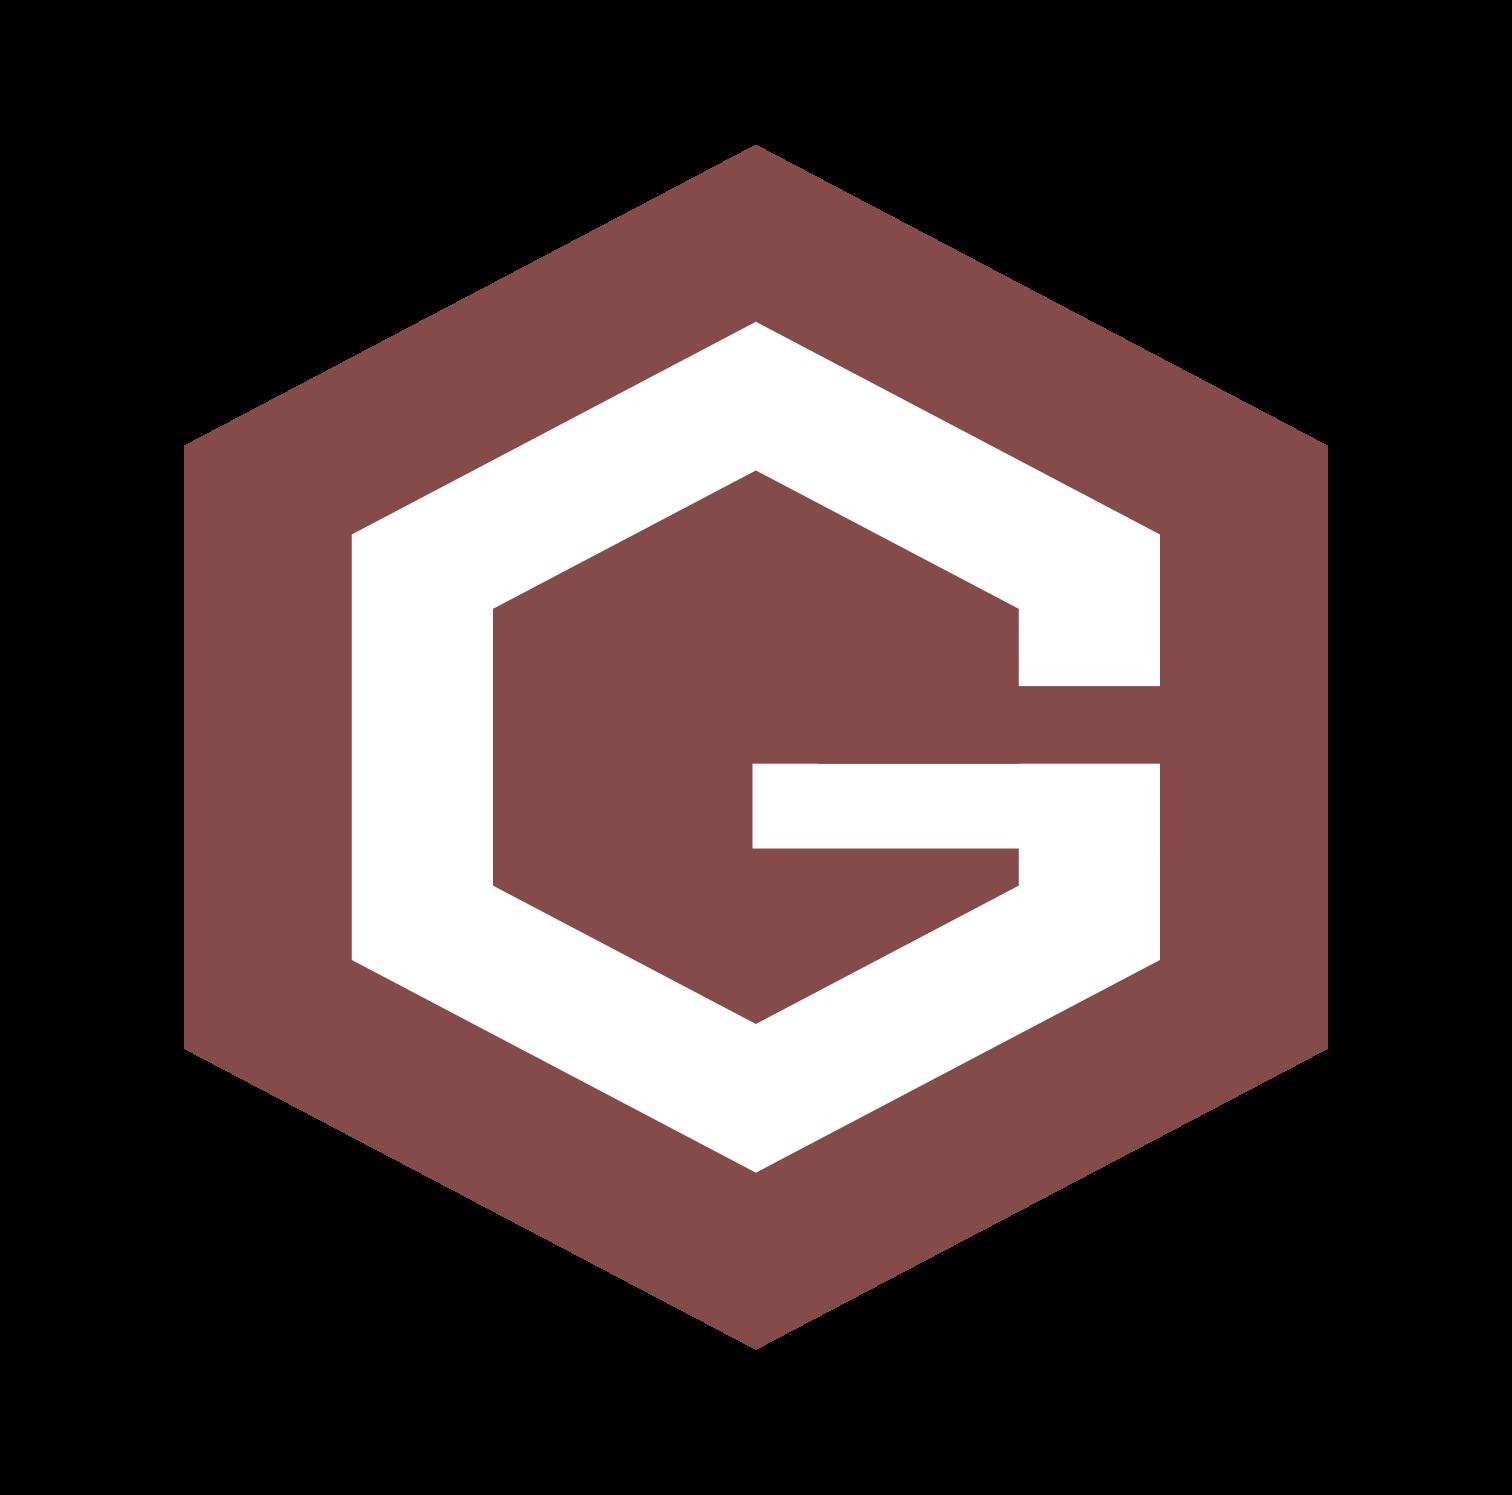 บริษัท เกเบี้ยน โปรดักส์ ไทยแลนด์ จำกัด logo